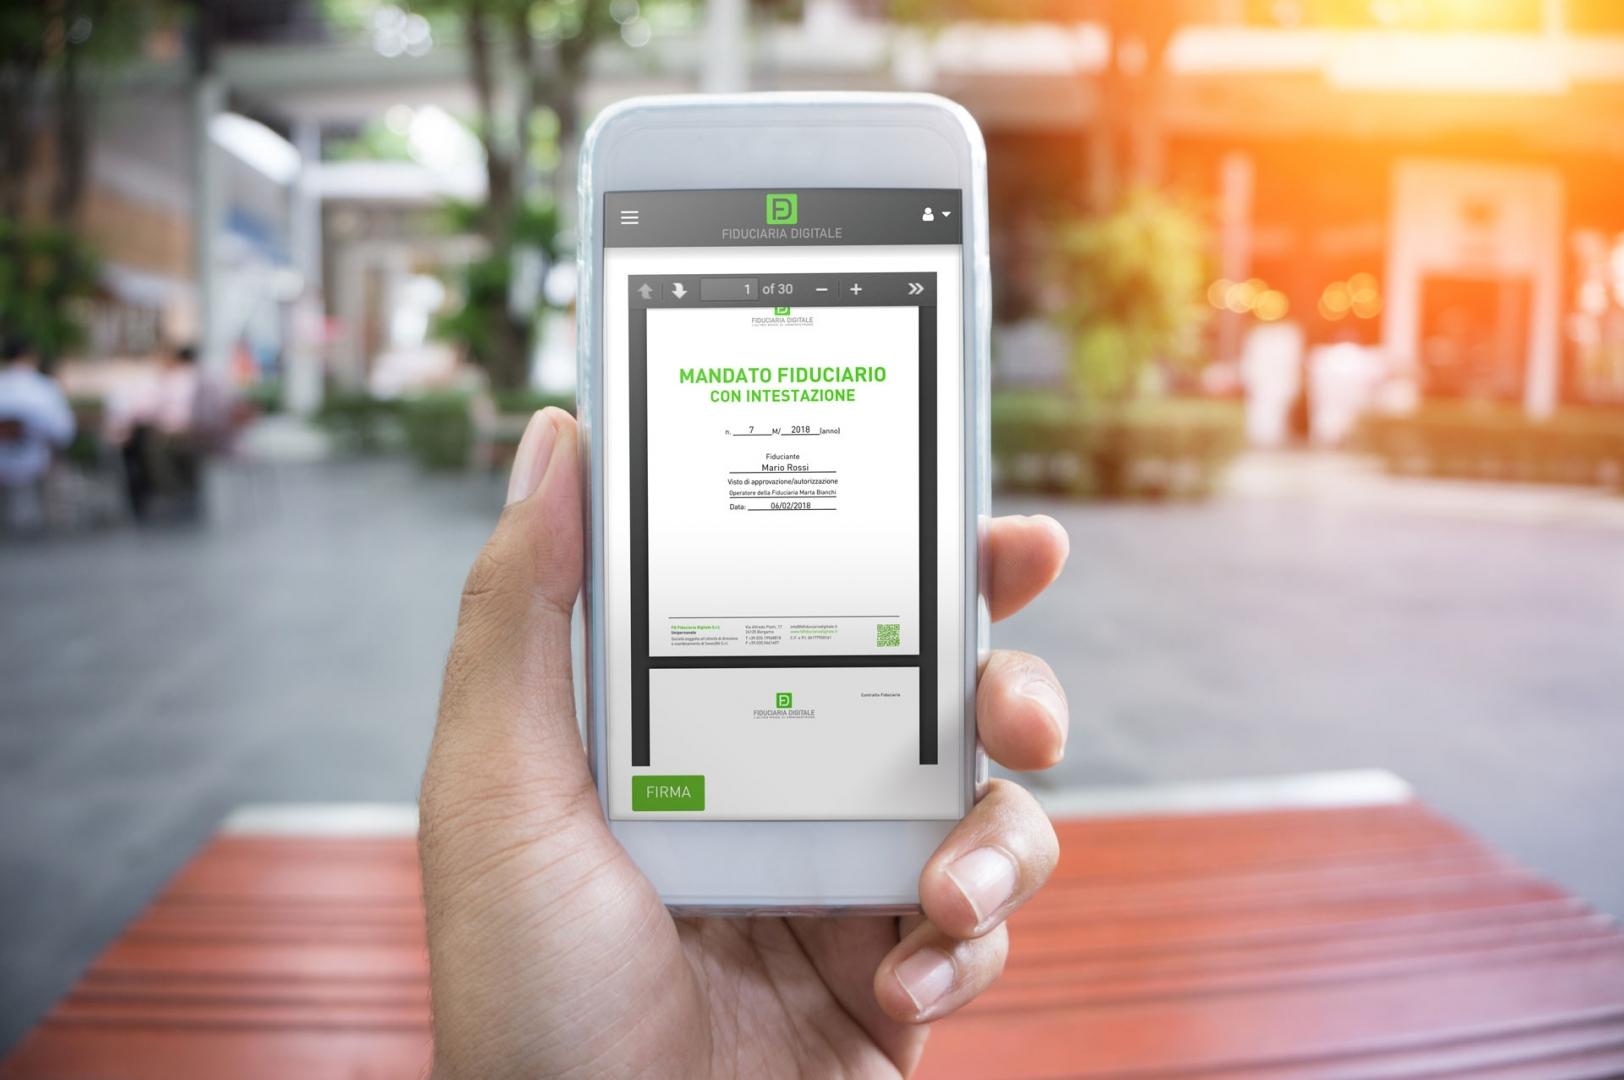 La fiduciaria nel tuo smartphone